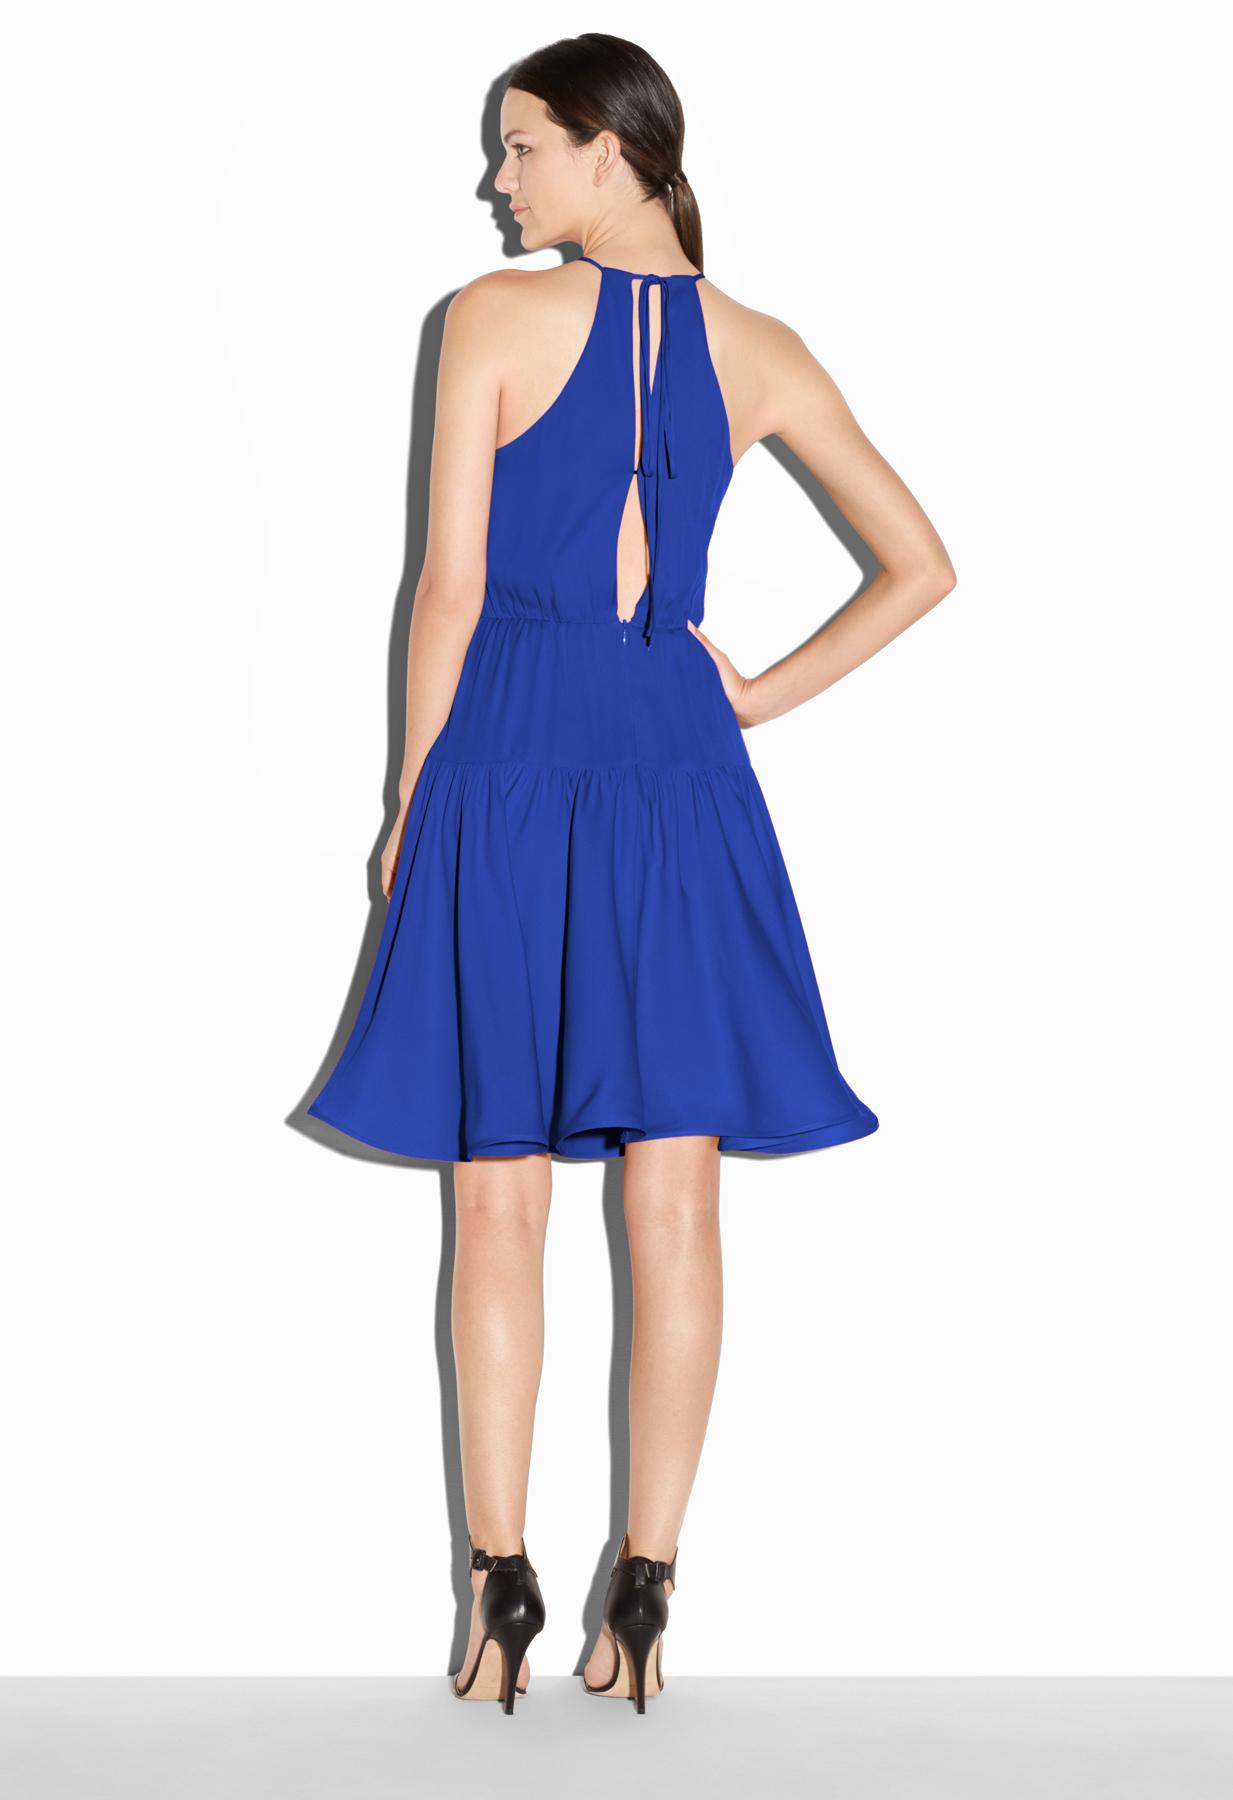 Cobalt blue stretch dress